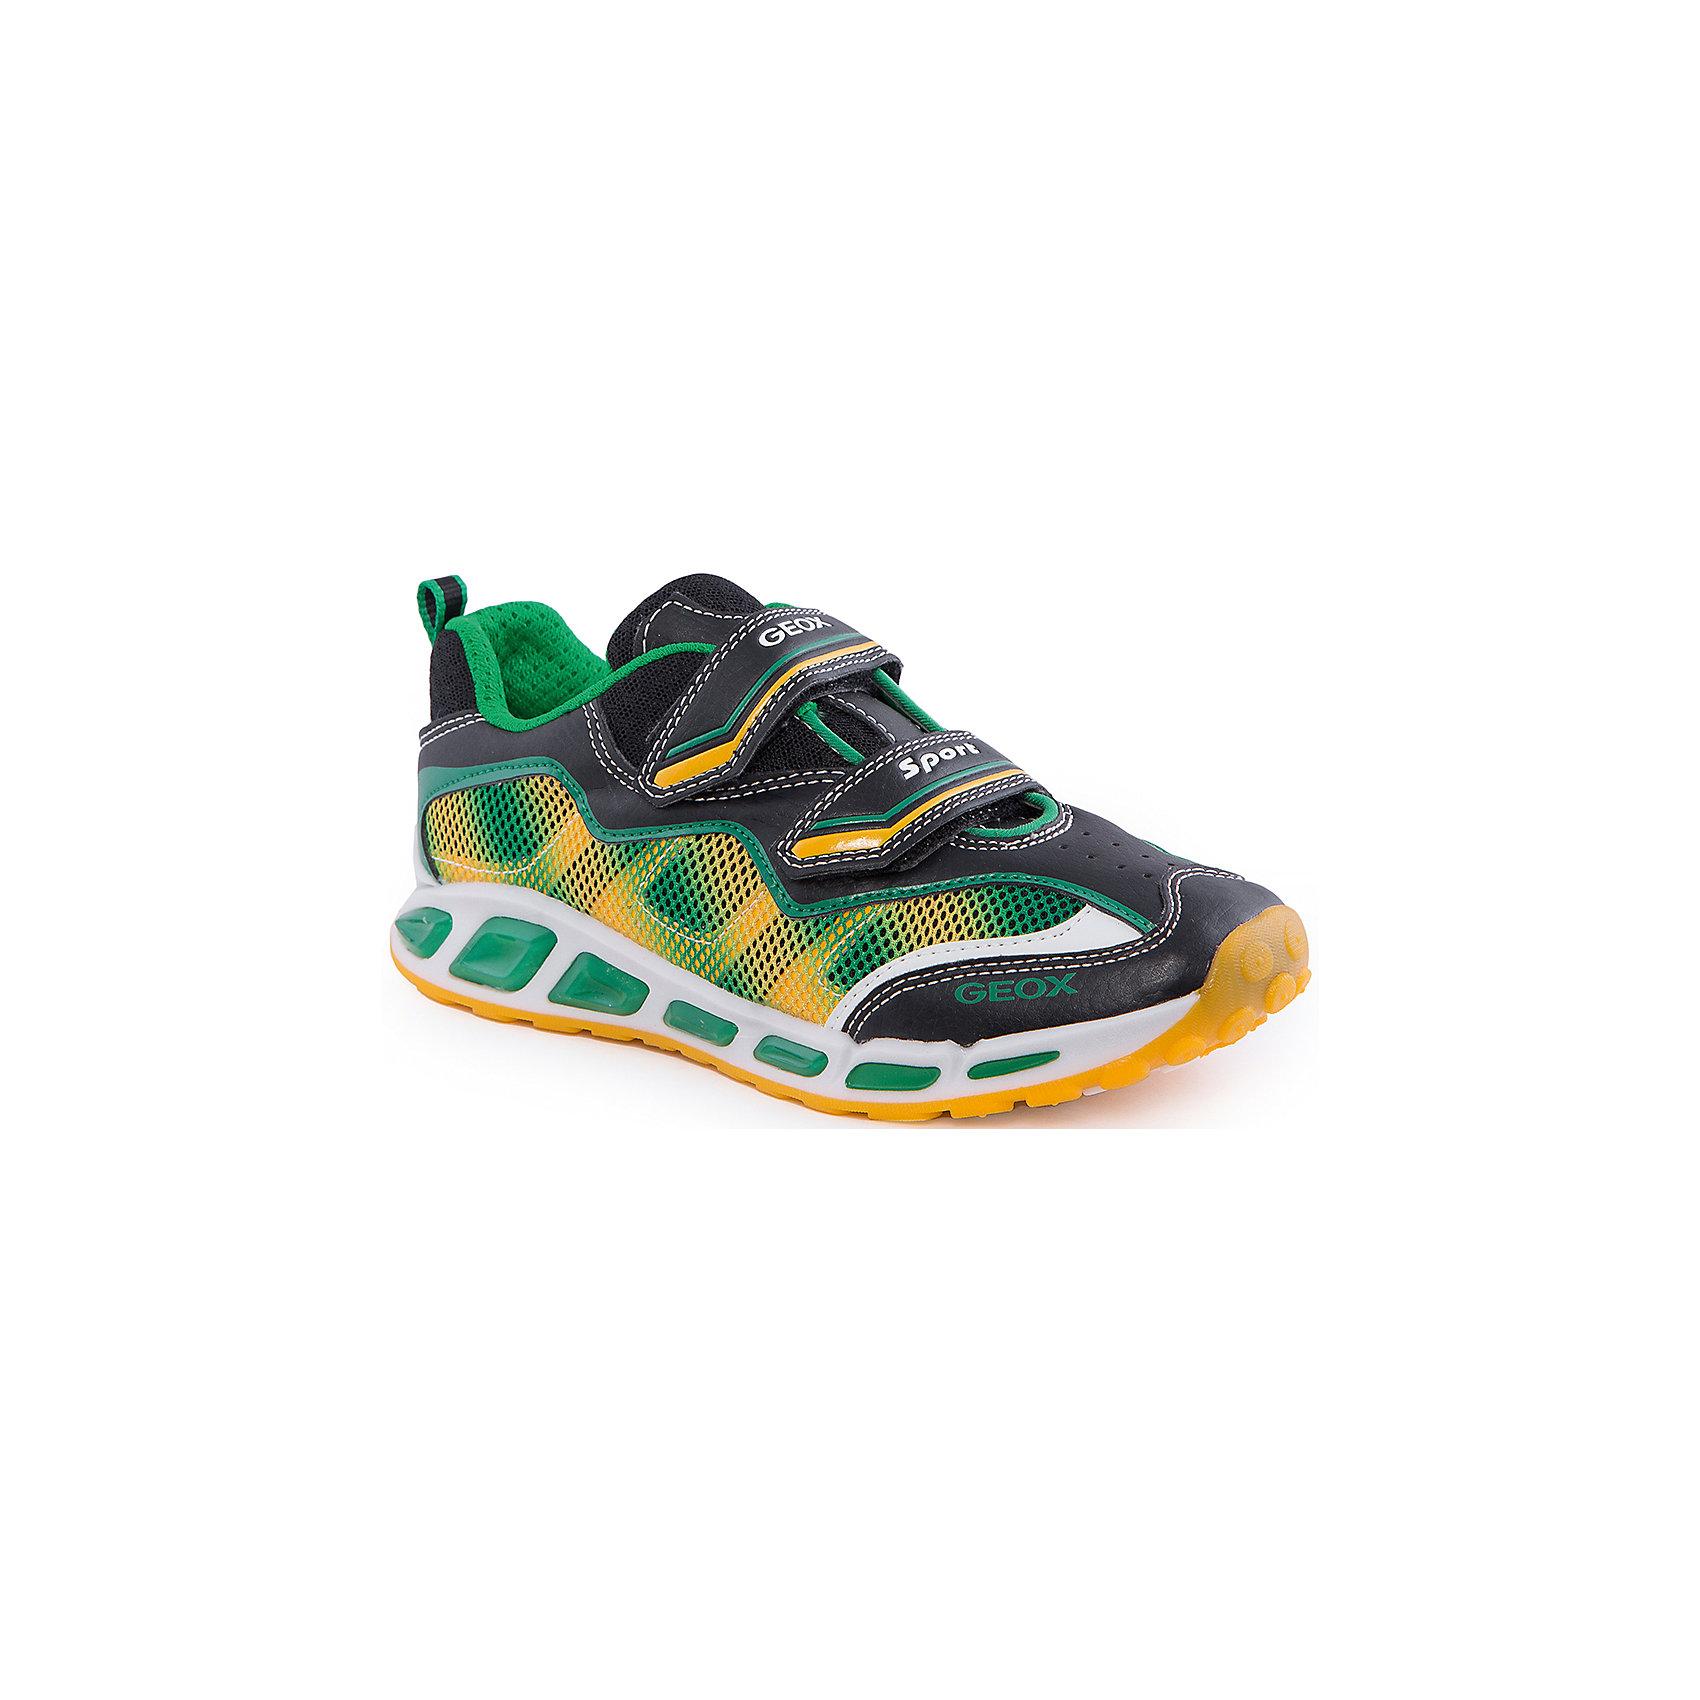 Кроссовки со светодиодами для мальчика GEOXКроссовки для мальчика от популярной марки GEOX (Геокс).<br><br>Легкие оригинальные кроссовки - отличная обувь для нового весеннего сезона. Модель очень стильно и оригинально смотрится.<br>Производитель обуви заботится не только о внешнем виде, но и стабильно высоком качестве продукции. GEOX (Геокс) разработал специальную дышащую подошву, которая не пропускает влагу внутрь, а также высокотехнологичную стельку.<br><br>Отличительные особенности модели:<br><br>- цвет: черный;<br>- декорированы зелеными и желтыми элементами;<br>- гибкая водоотталкивающая подошва с дышащей мембраной;<br>- мягкий и легкий верх;<br>- защита пальцев и пятки;<br>- стильный дизайн;<br>- удобная застежка-липучка;<br>- комфортное облегание;<br>- верх обуви и подкладка сделаны без использования хрома.<br><br>Дополнительная информация:<br><br>- Температурный режим: от +10° С до 25° С.<br><br>- Состав:<br><br>материал верха: текстиль, синтетический материал<br>материал подкладки: текстиль<br>подошва: 100% резина<br><br>Кроссовки для мальчика GEOX (Геокс) (Геокс) можно купить в нашем магазине.<br><br>Ширина мм: 250<br>Глубина мм: 150<br>Высота мм: 150<br>Вес г: 250<br>Цвет: черный<br>Возраст от месяцев: 72<br>Возраст до месяцев: 84<br>Пол: Мужской<br>Возраст: Детский<br>Размер: 30,26,27,28,31,36,37,35,33,32,29,34<br>SKU: 4519768